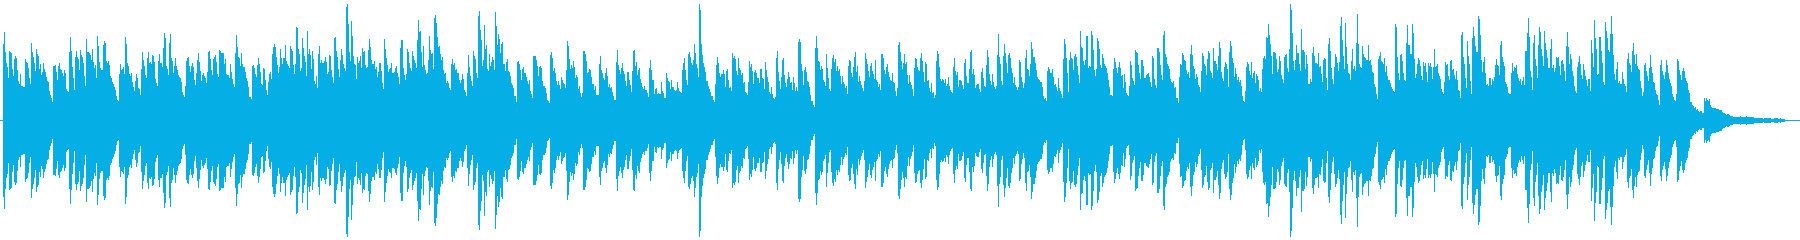 耳に残るファンタジックピアノの再生済みの波形